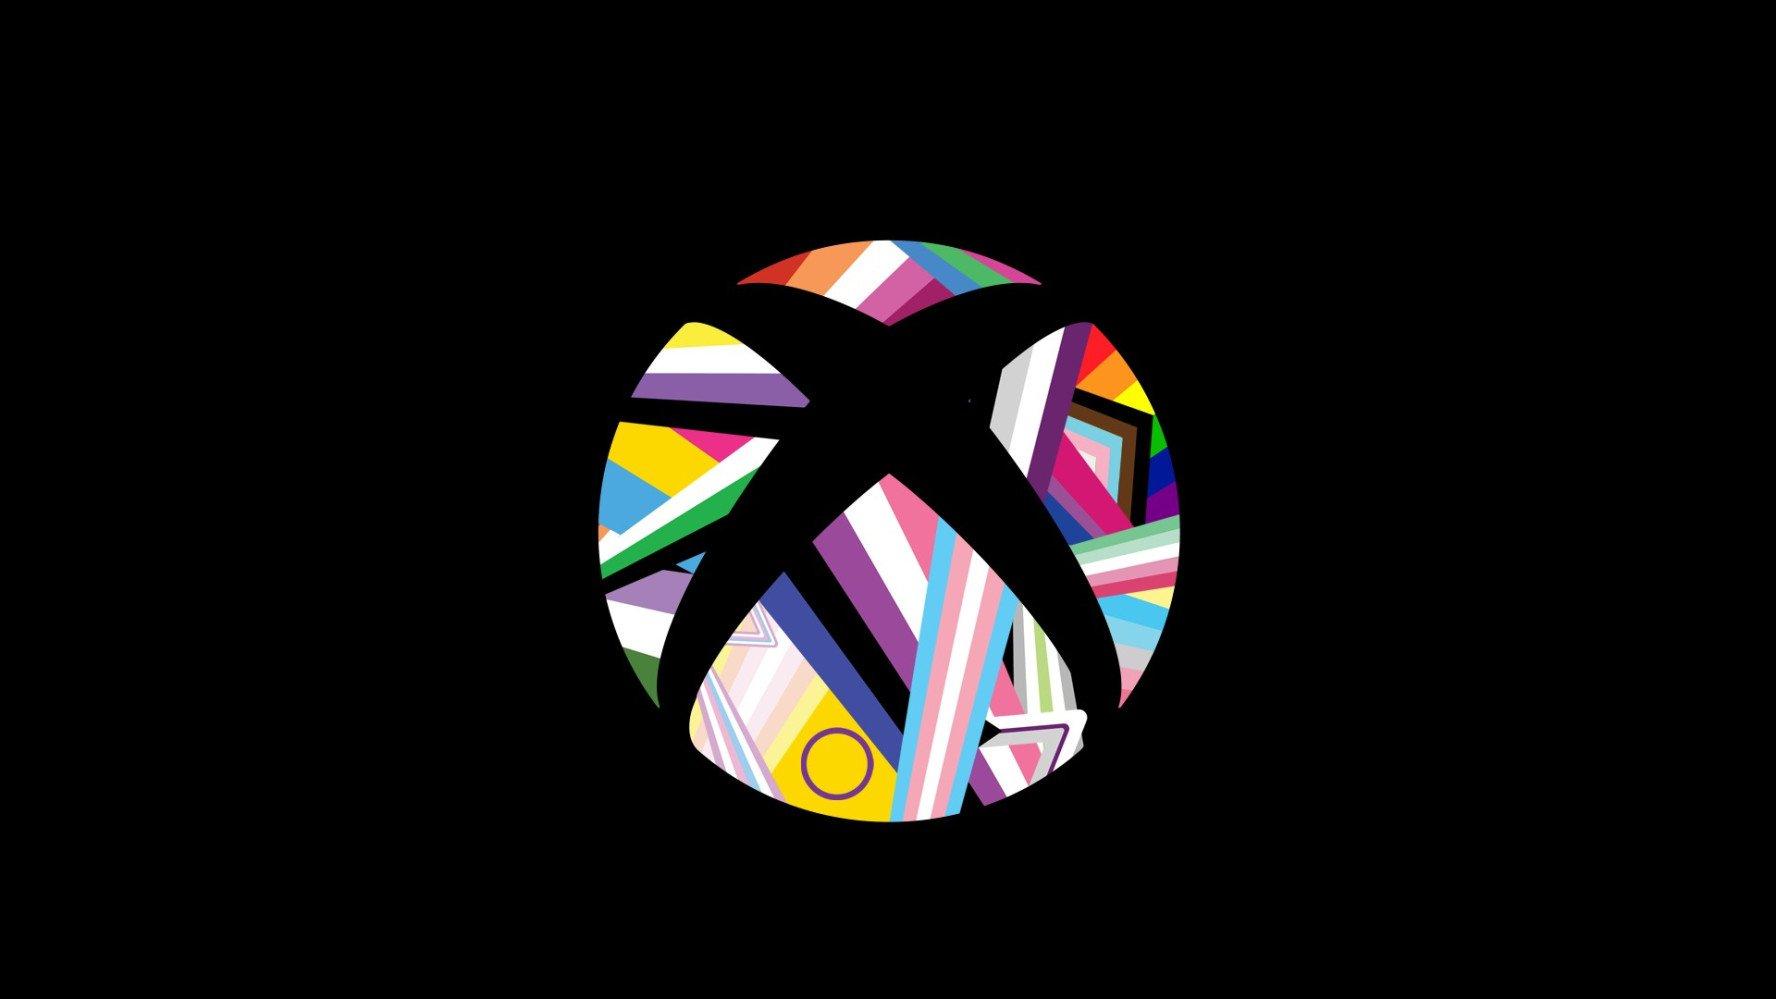 Xbox Pride Microsoft